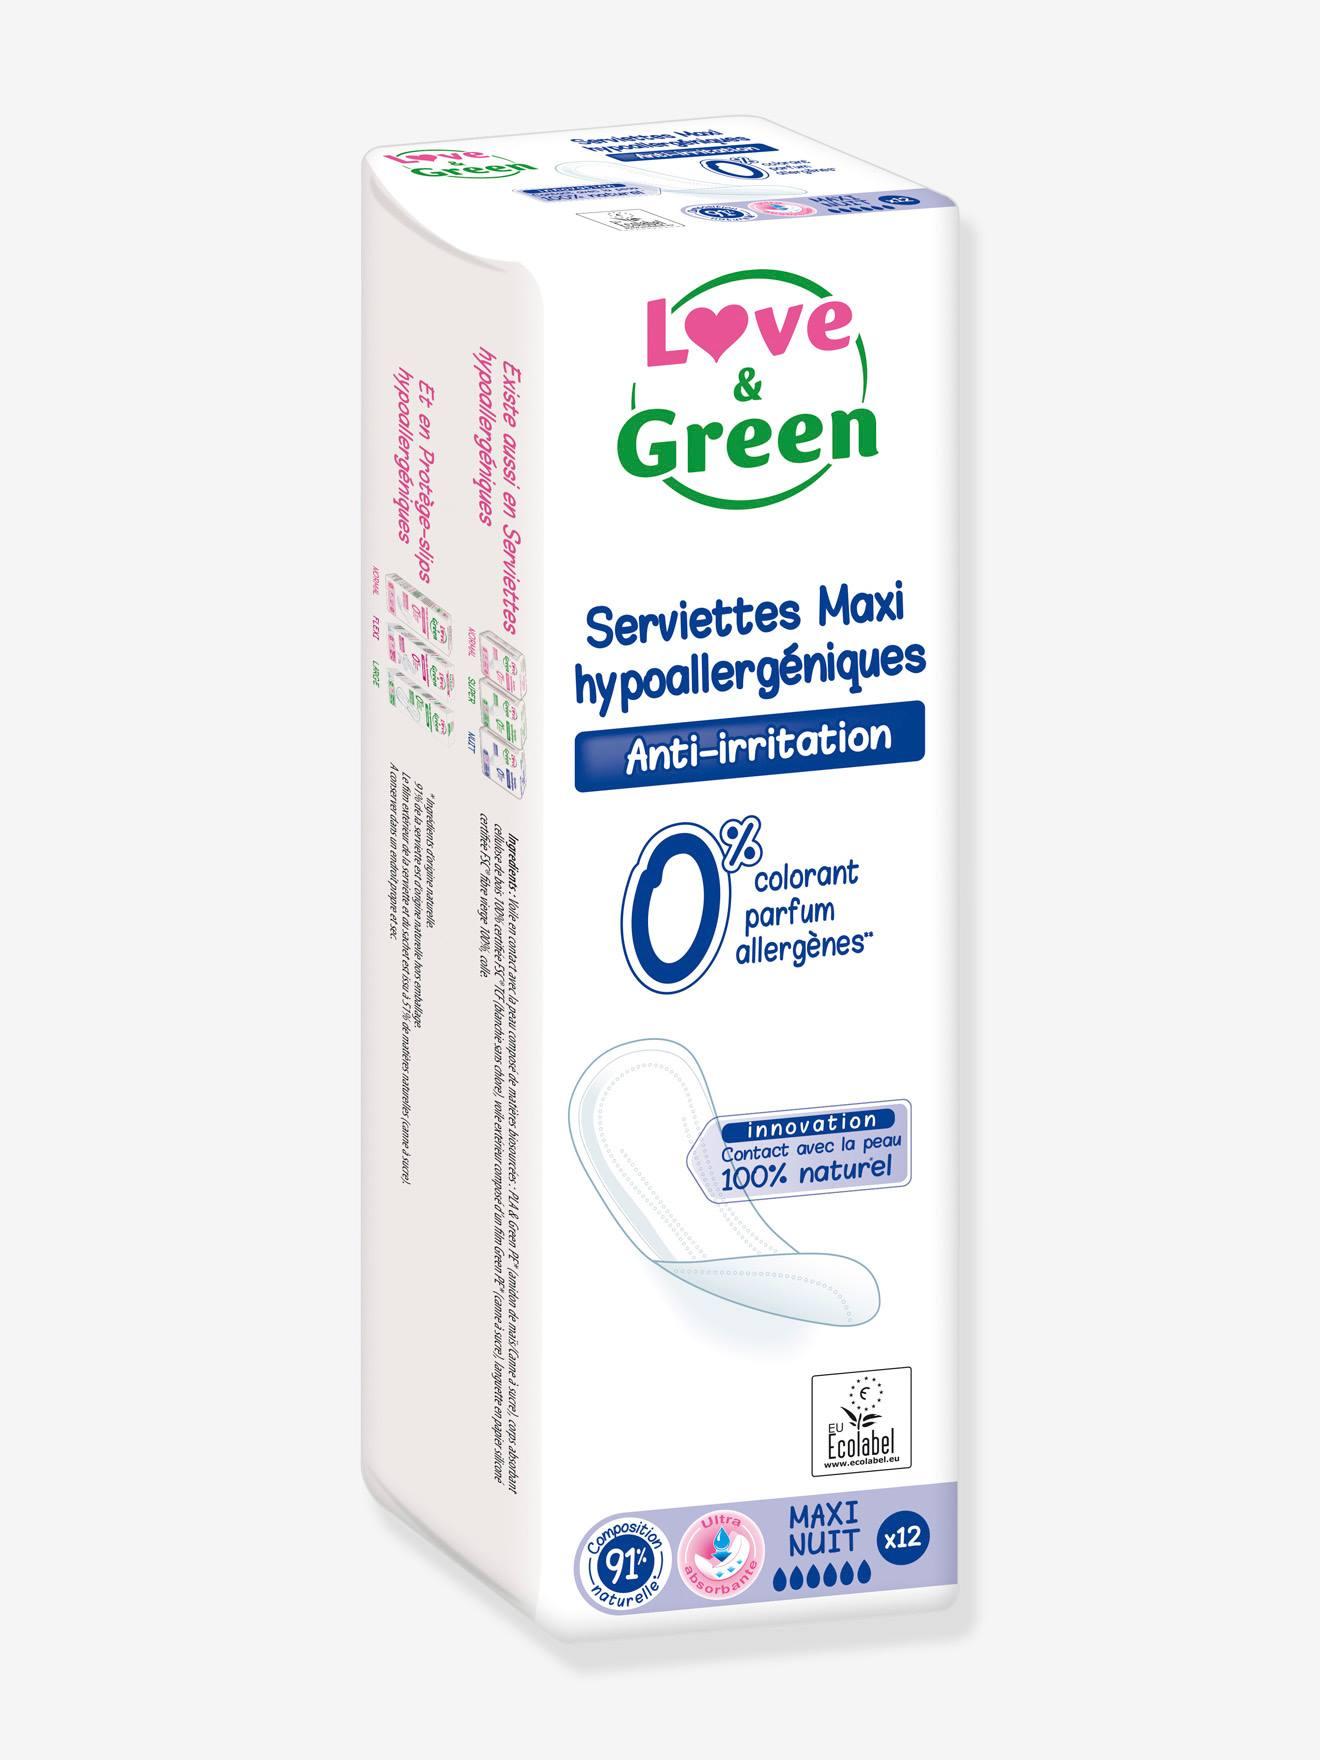 Serviettes hygiéniques écologiques LOVE&GREEN Maxi nuit x12